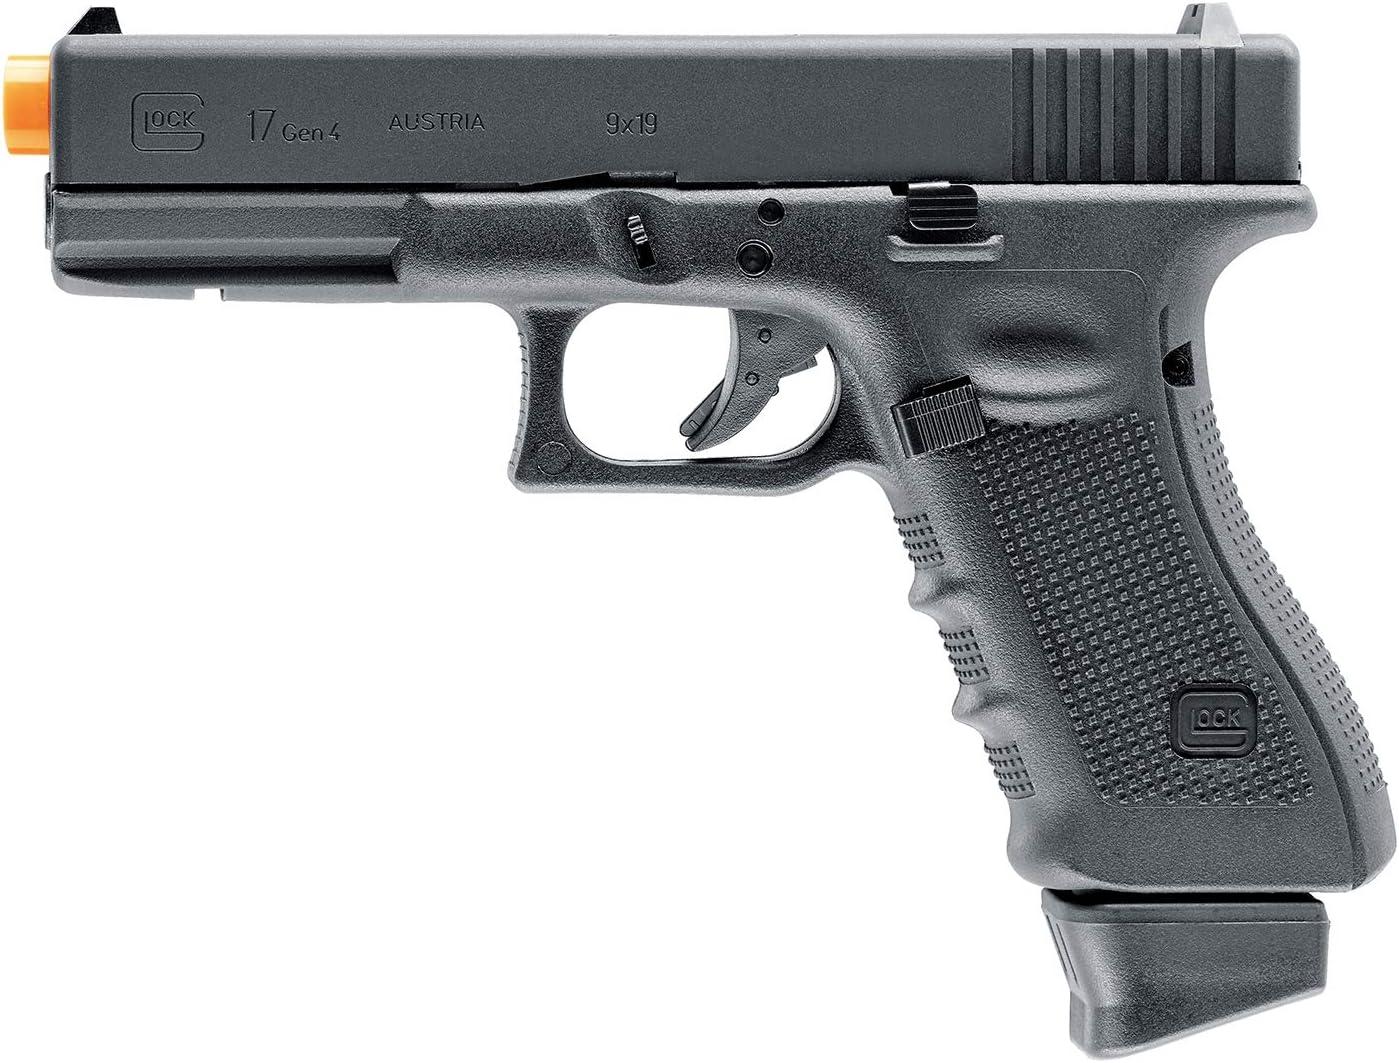 Elite Force Umarex Glock 17 Gen 4 Airsoft Pistol